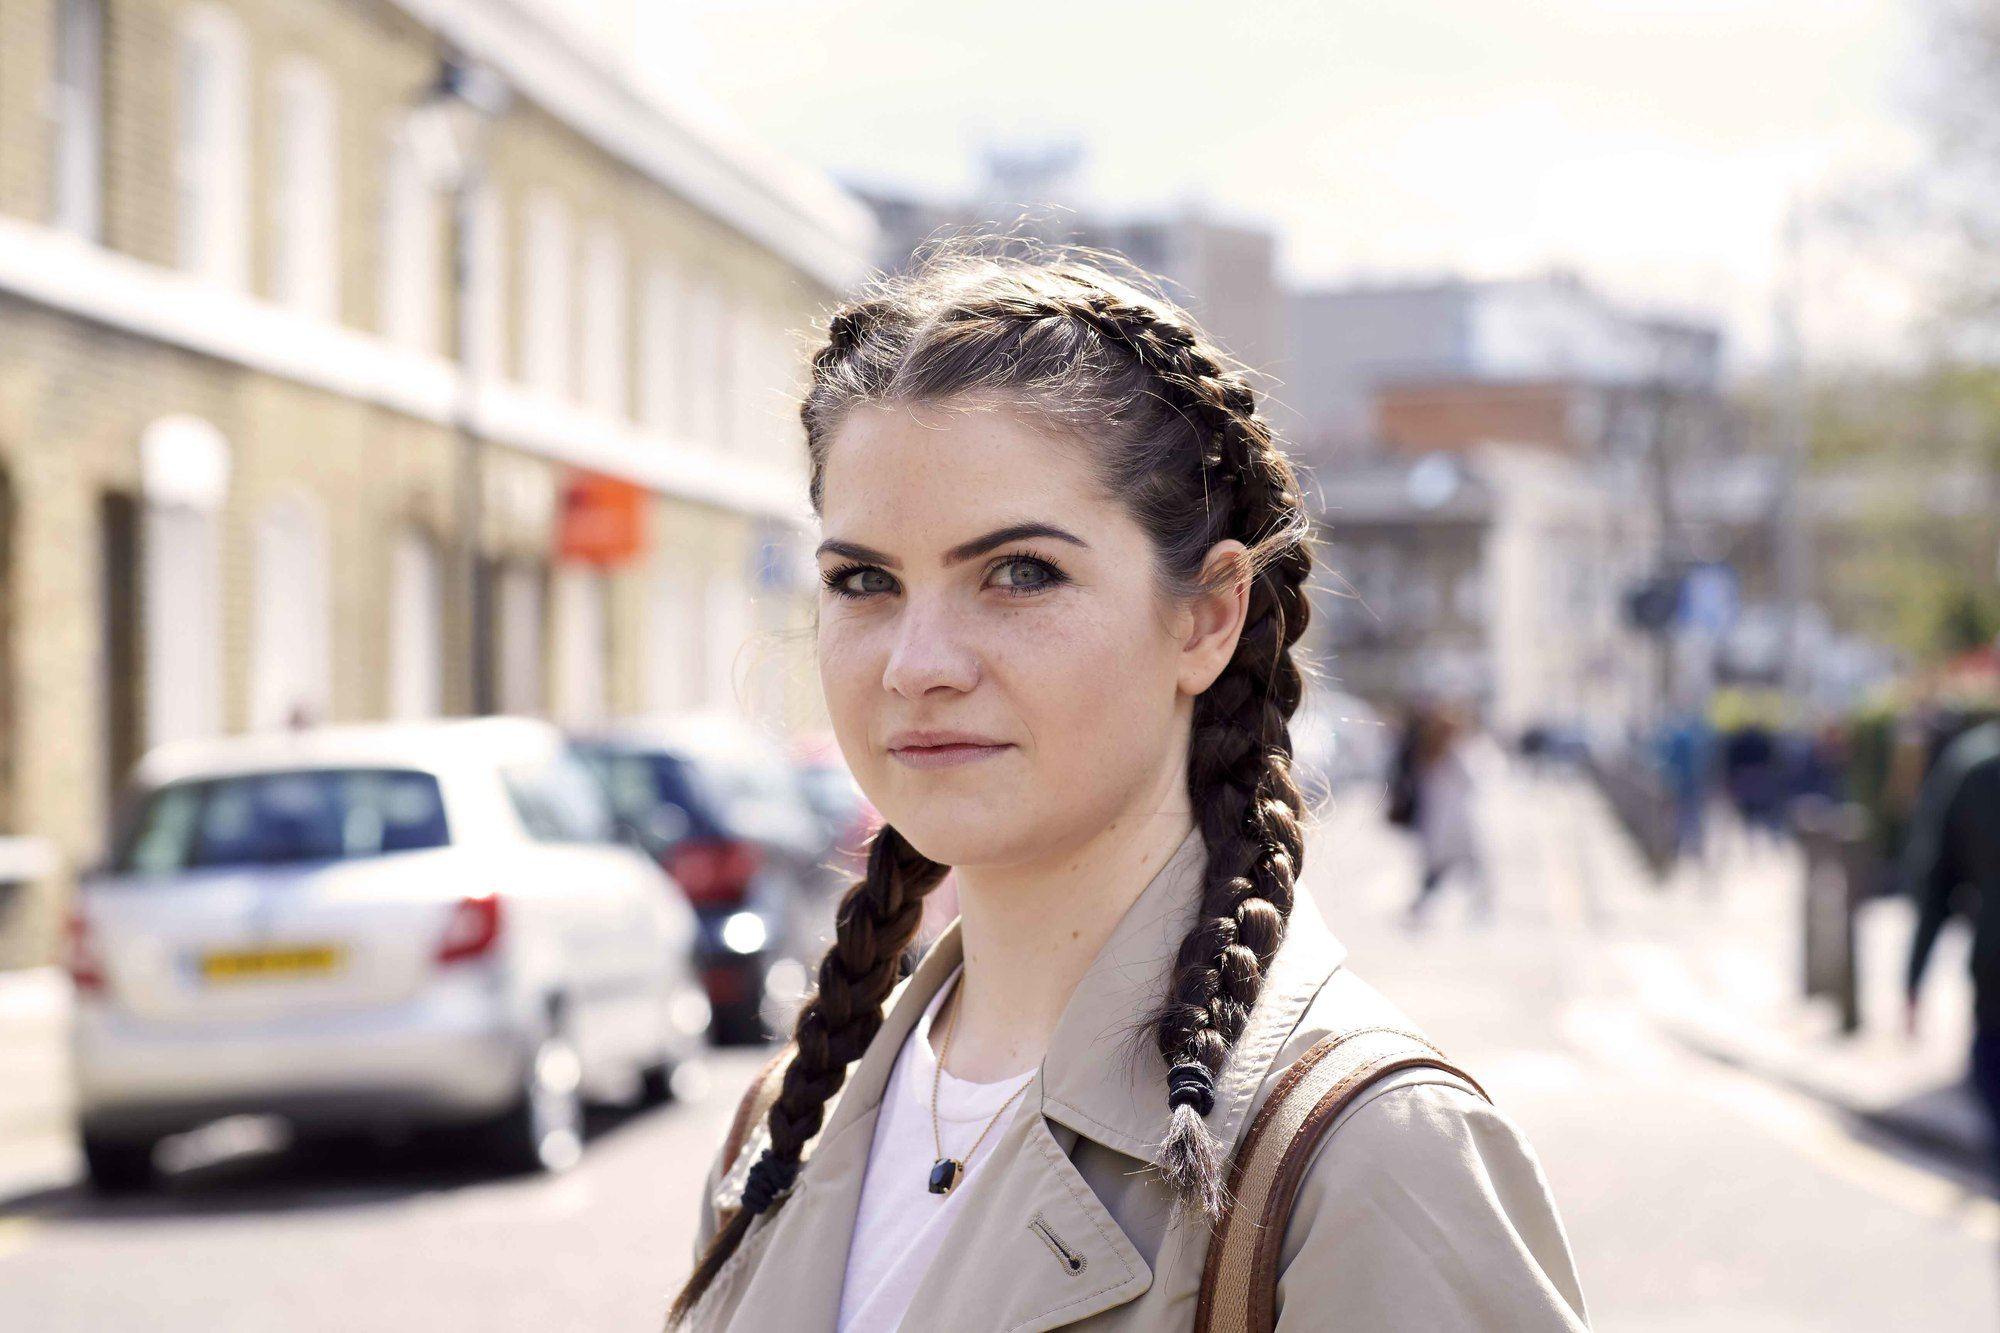 young woman wearing Dutch braids on long hair